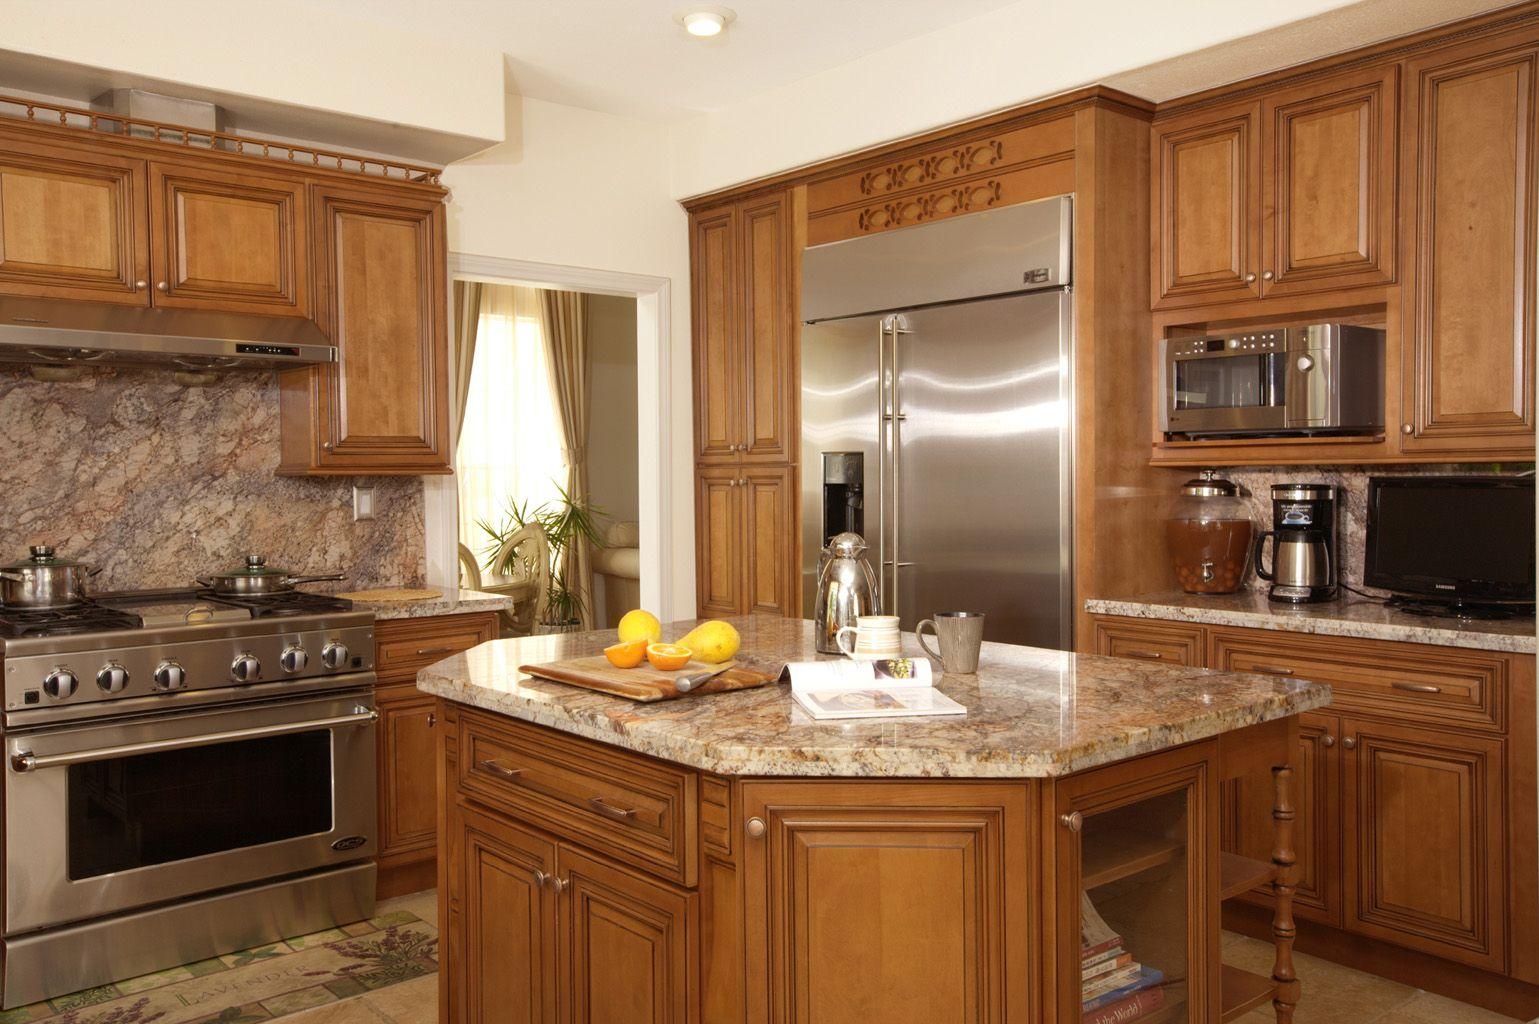 North American Maple Coffee Glaze Color Kitchen Cabinets